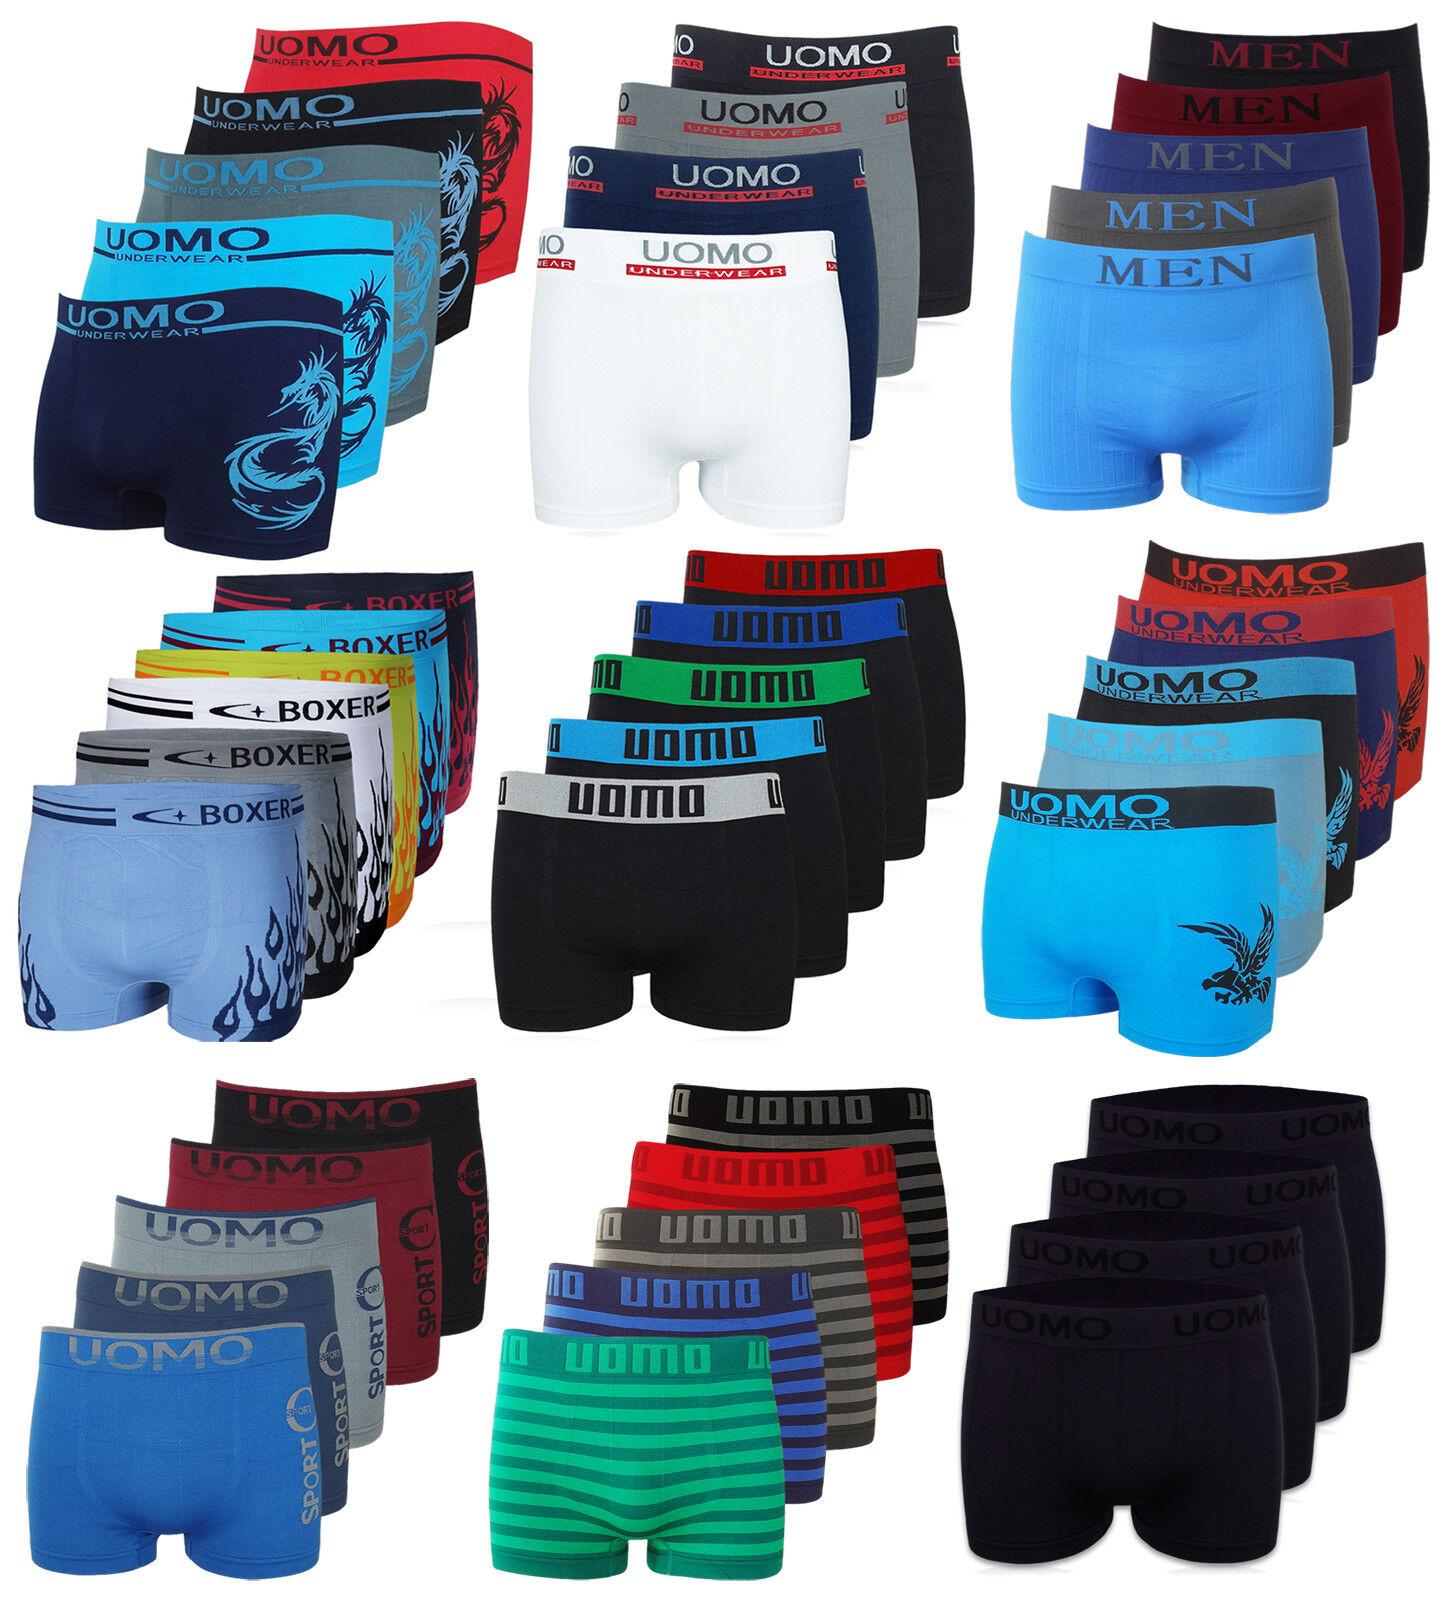 10er 20er Boxershorts Retroshort Herren Unterwäsche Unterhose Microfaser Seamles